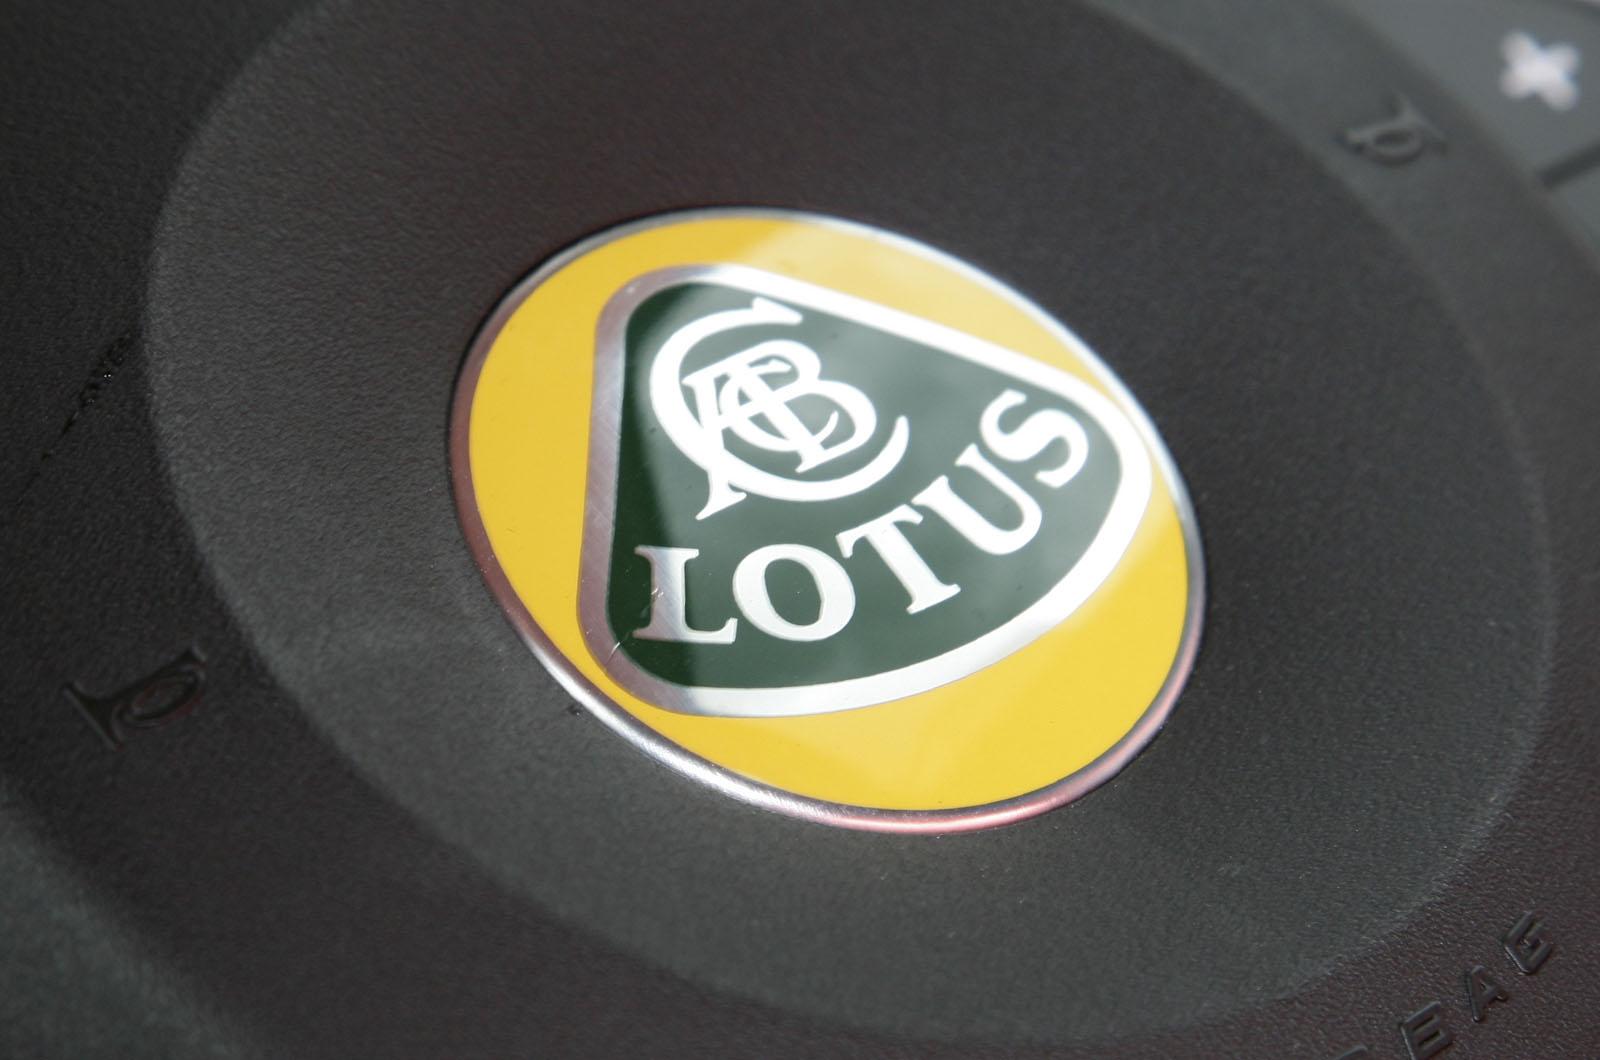 路特斯未来考虑推出四门轿车/SUV 扩大车型阵容